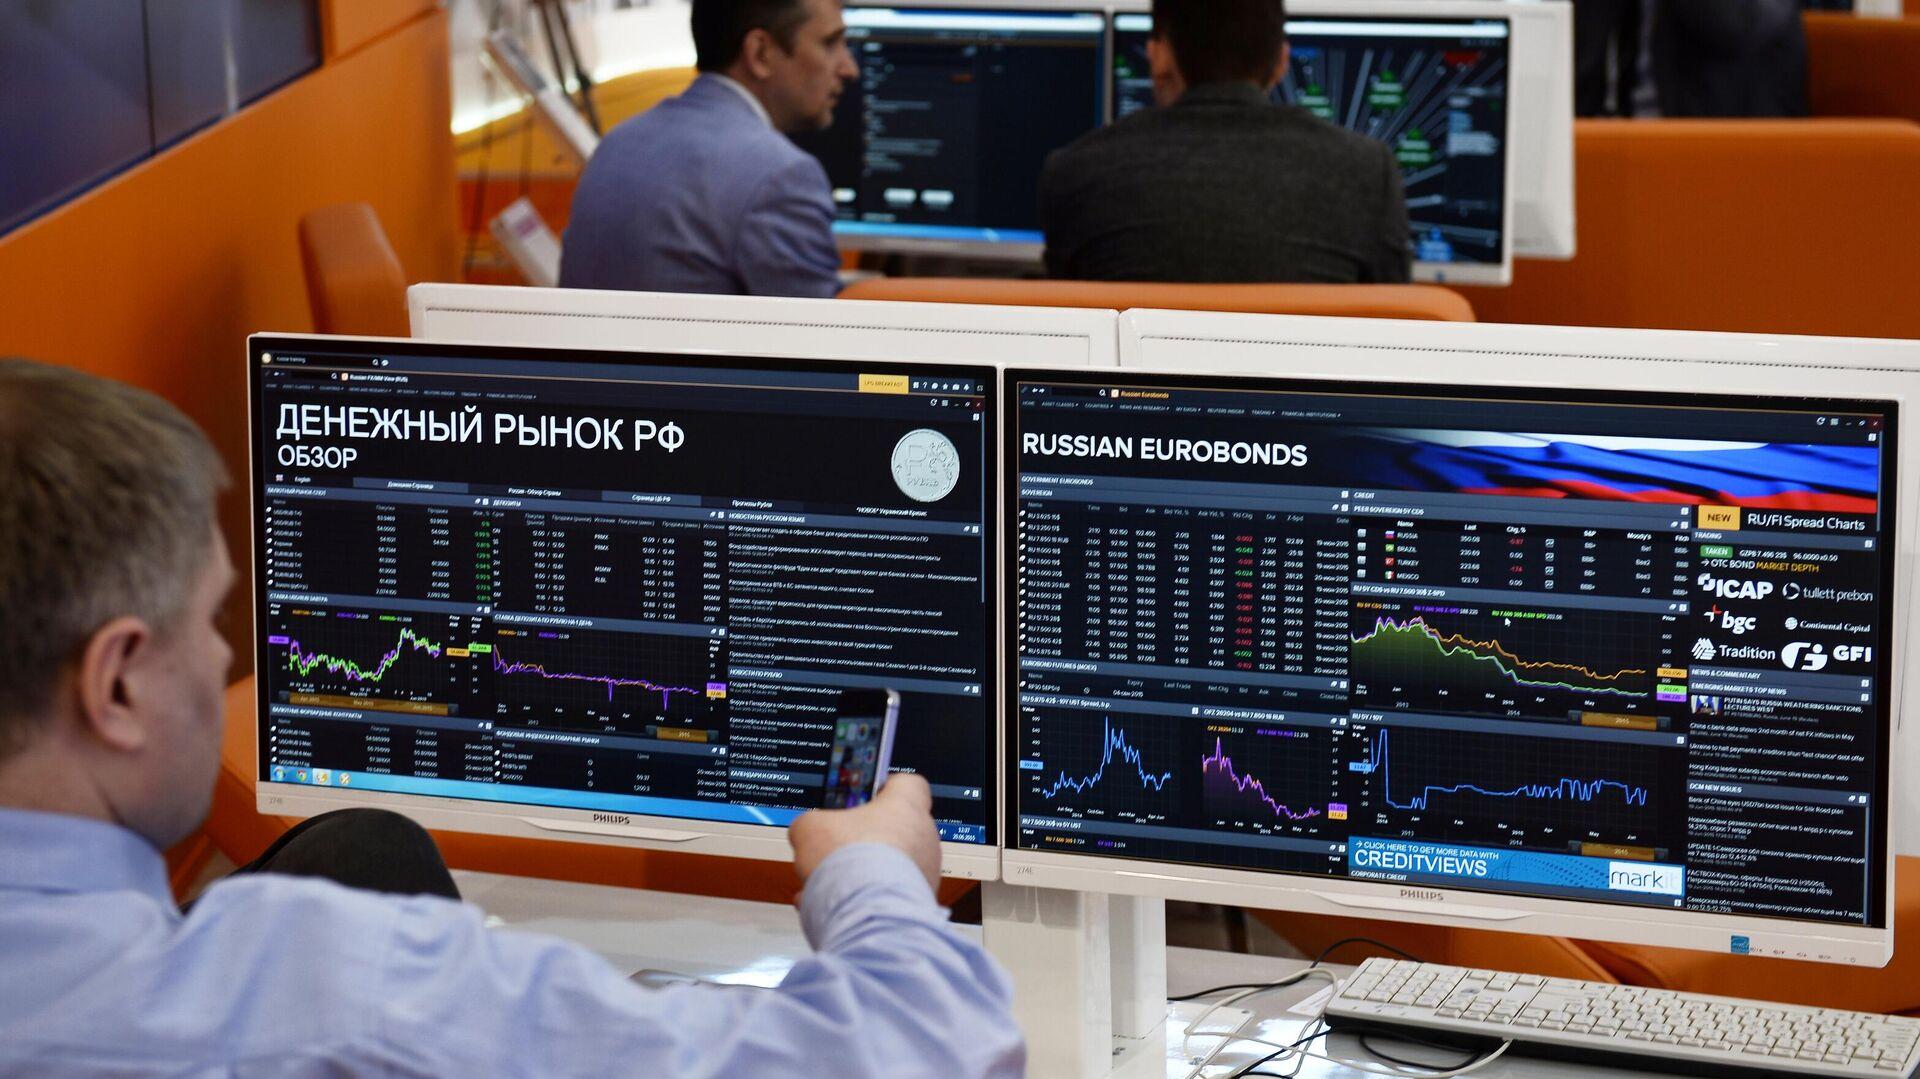 Мониторы с информацией о состоянии денежного рынка - РИА Новости, 1920, 12.09.2021